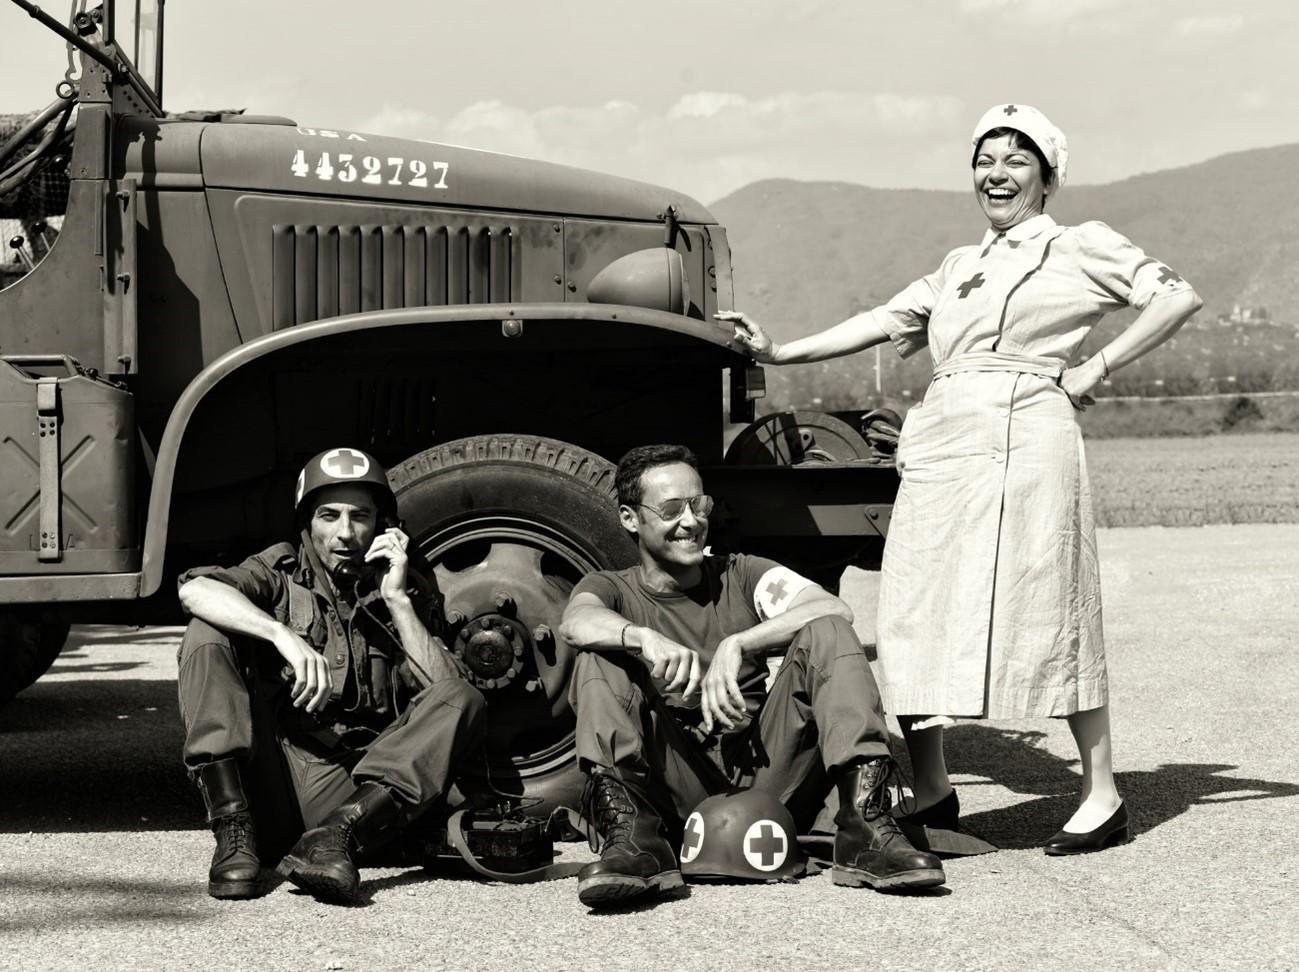 Uma enfermeira sorridente e soldados à frente de um veículo militar da Segunda Guerra Mundial